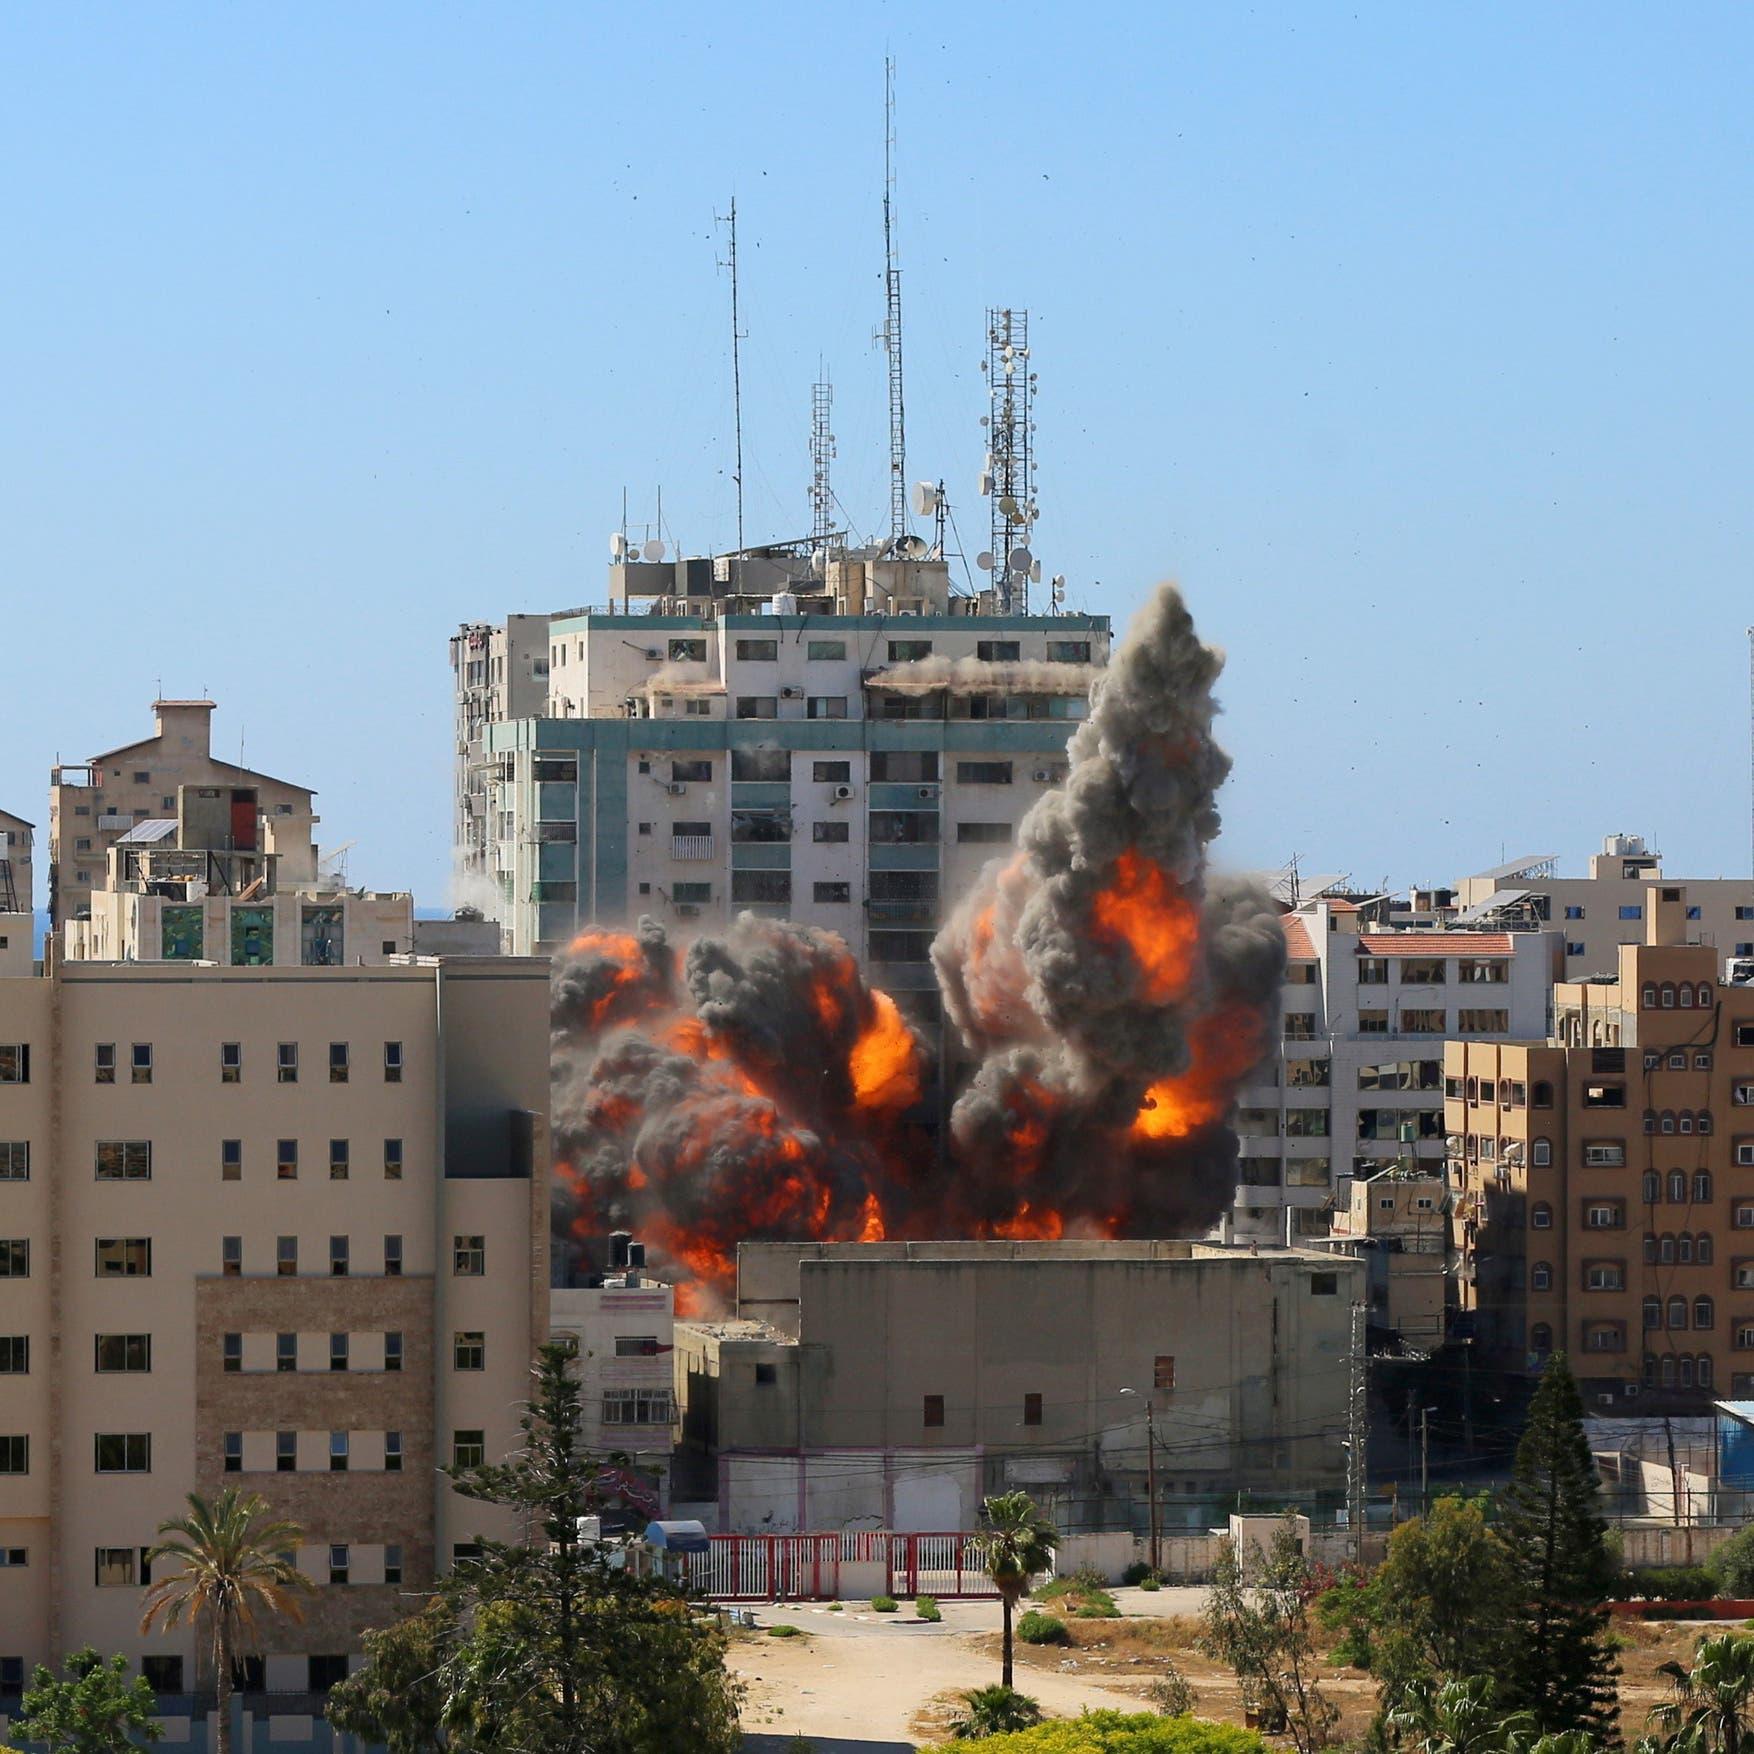 حماس تبحث عن مخرج من أزمة غزة.. مصدر مطلع يكشف